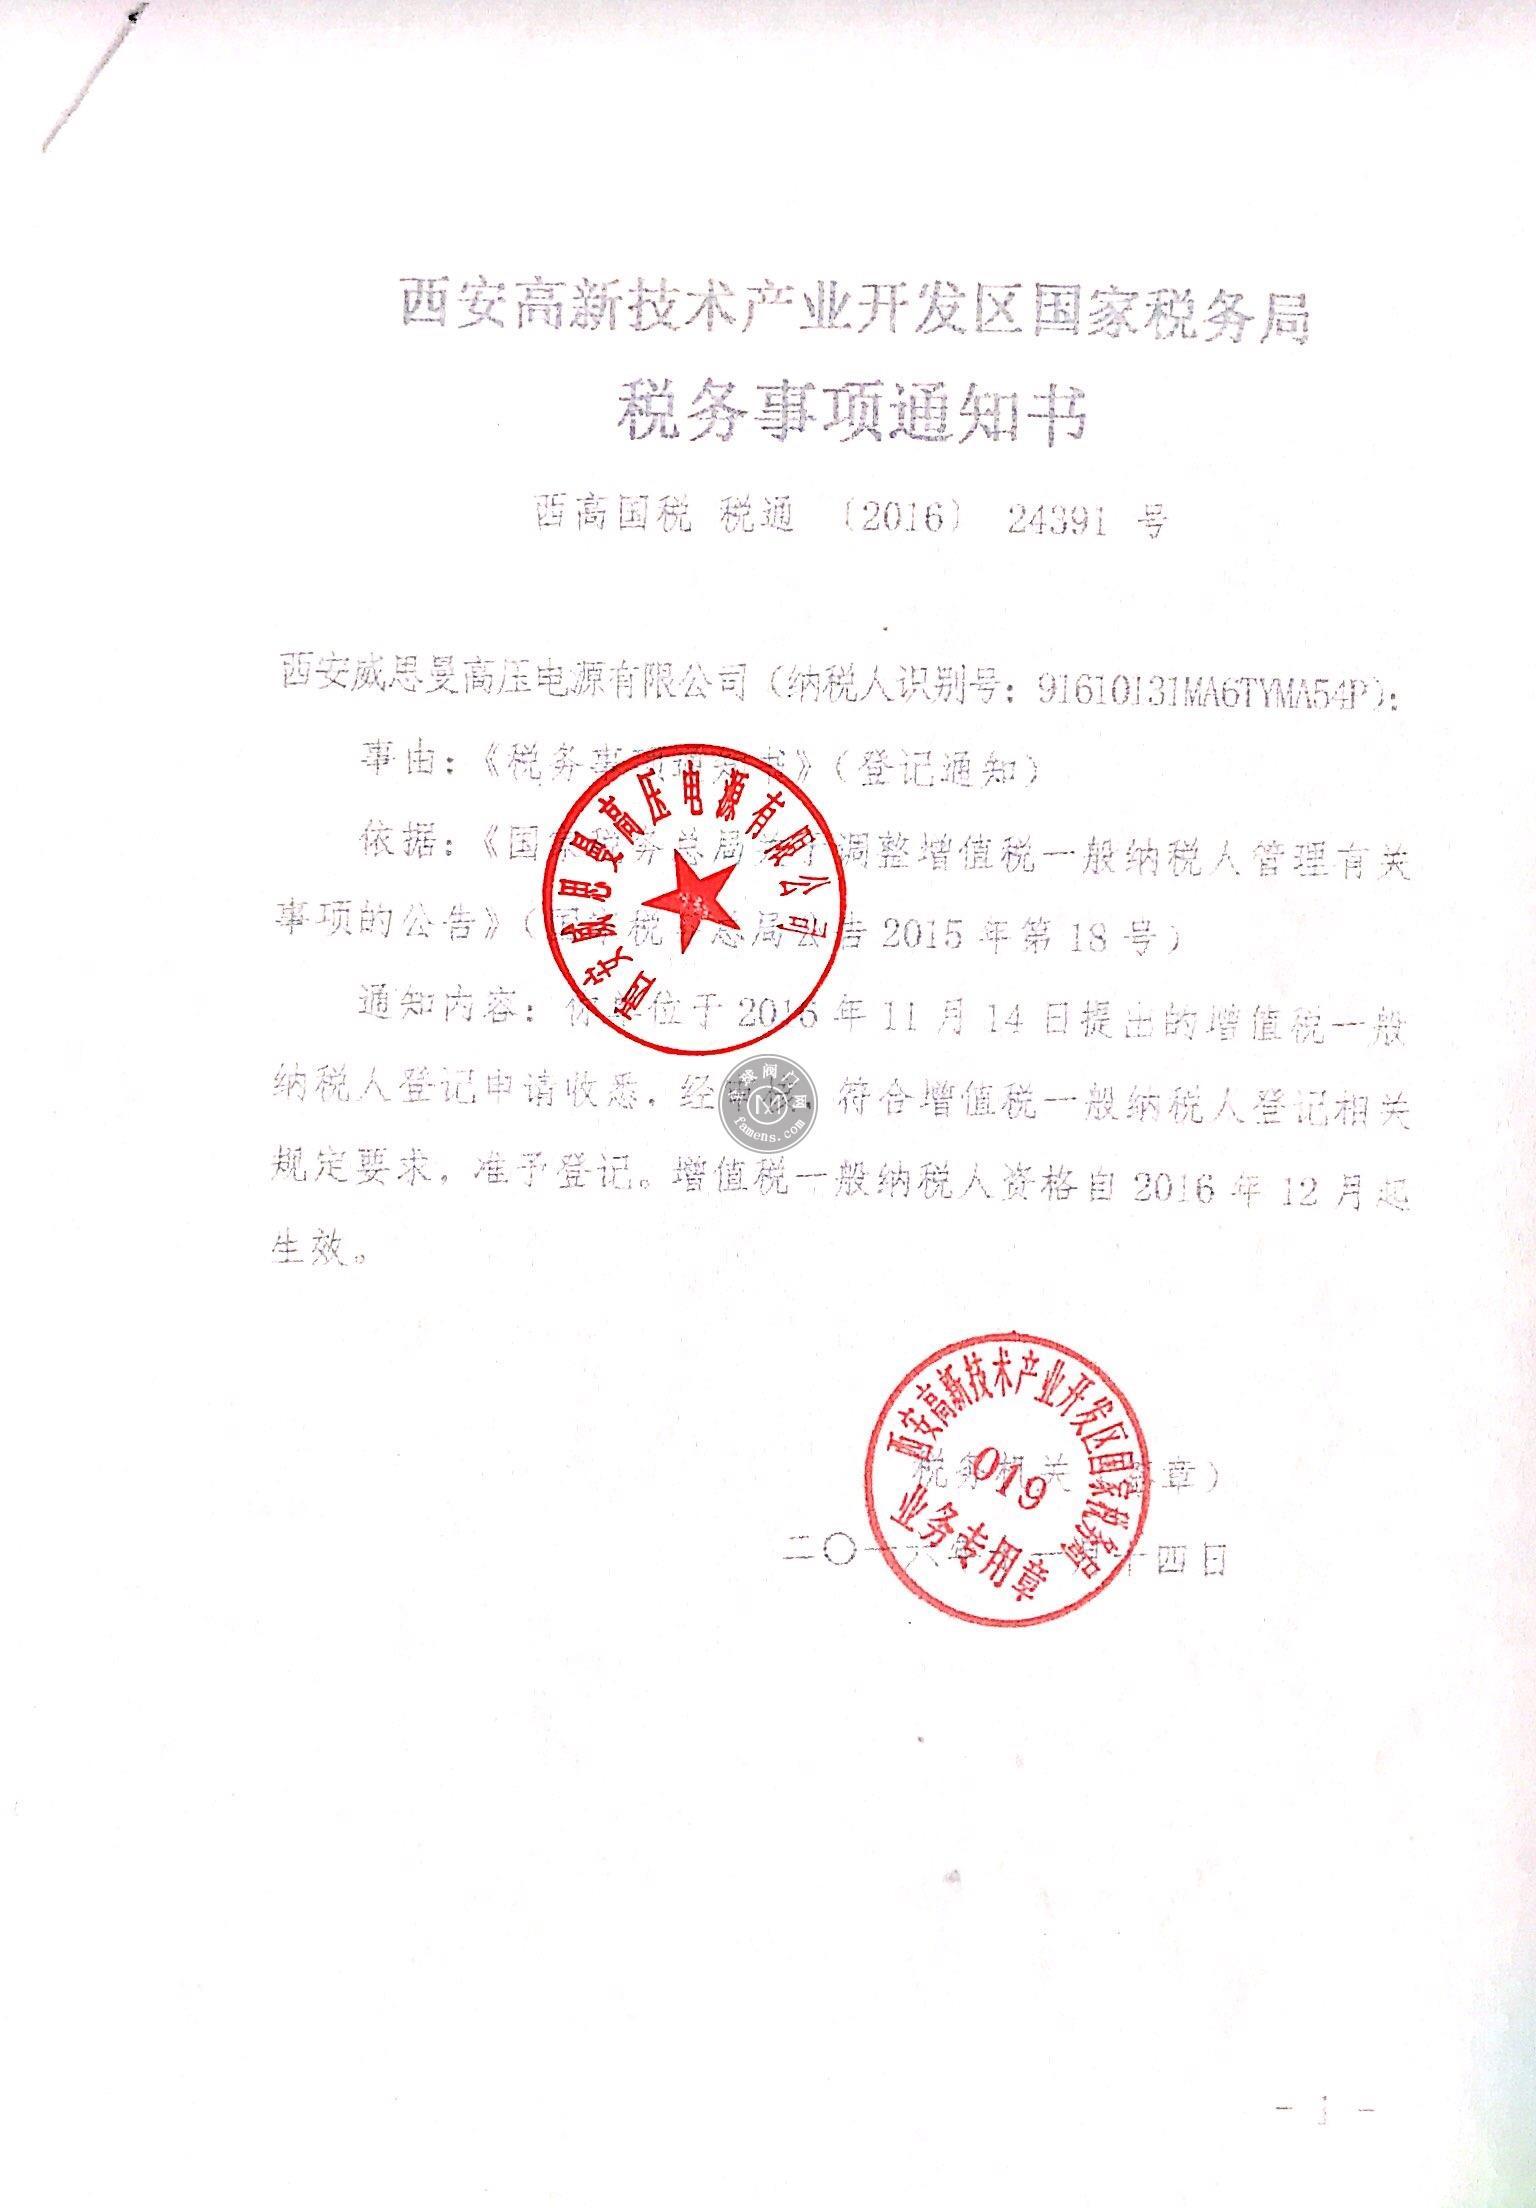 西安高新技术产业开发区国家税务局